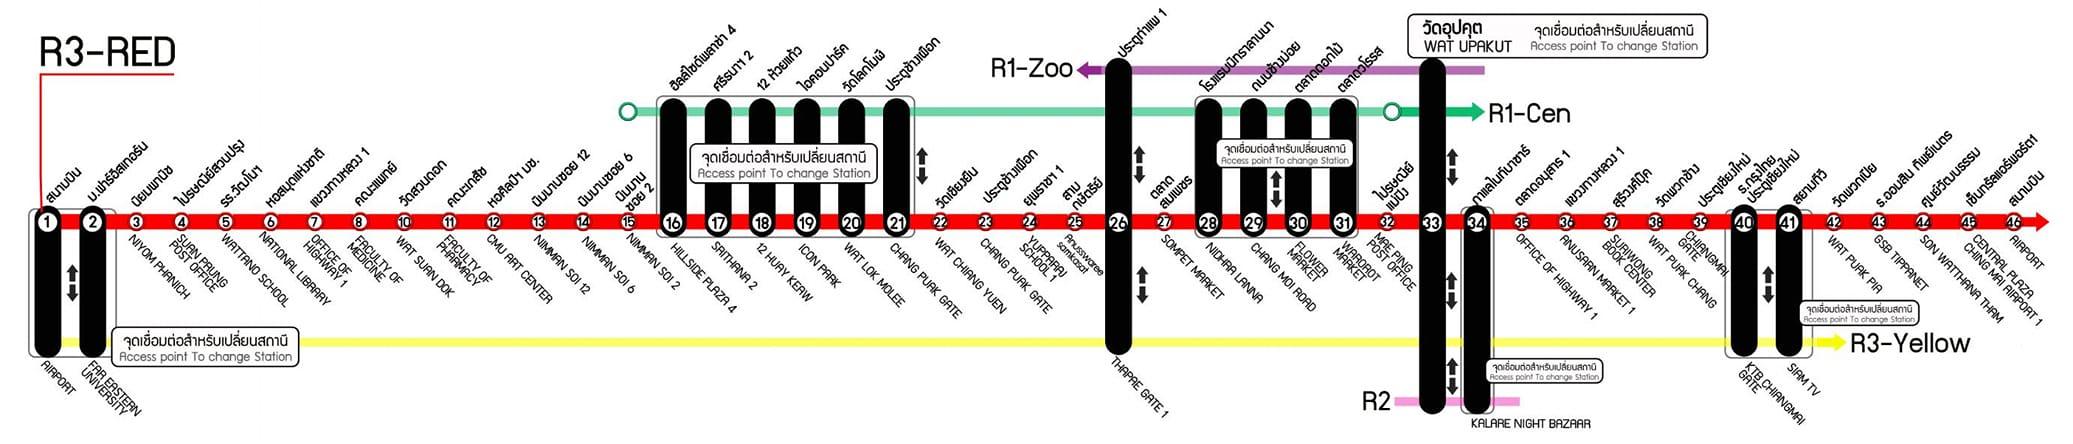 Схема остановок общественного транспорта в Чиангмае